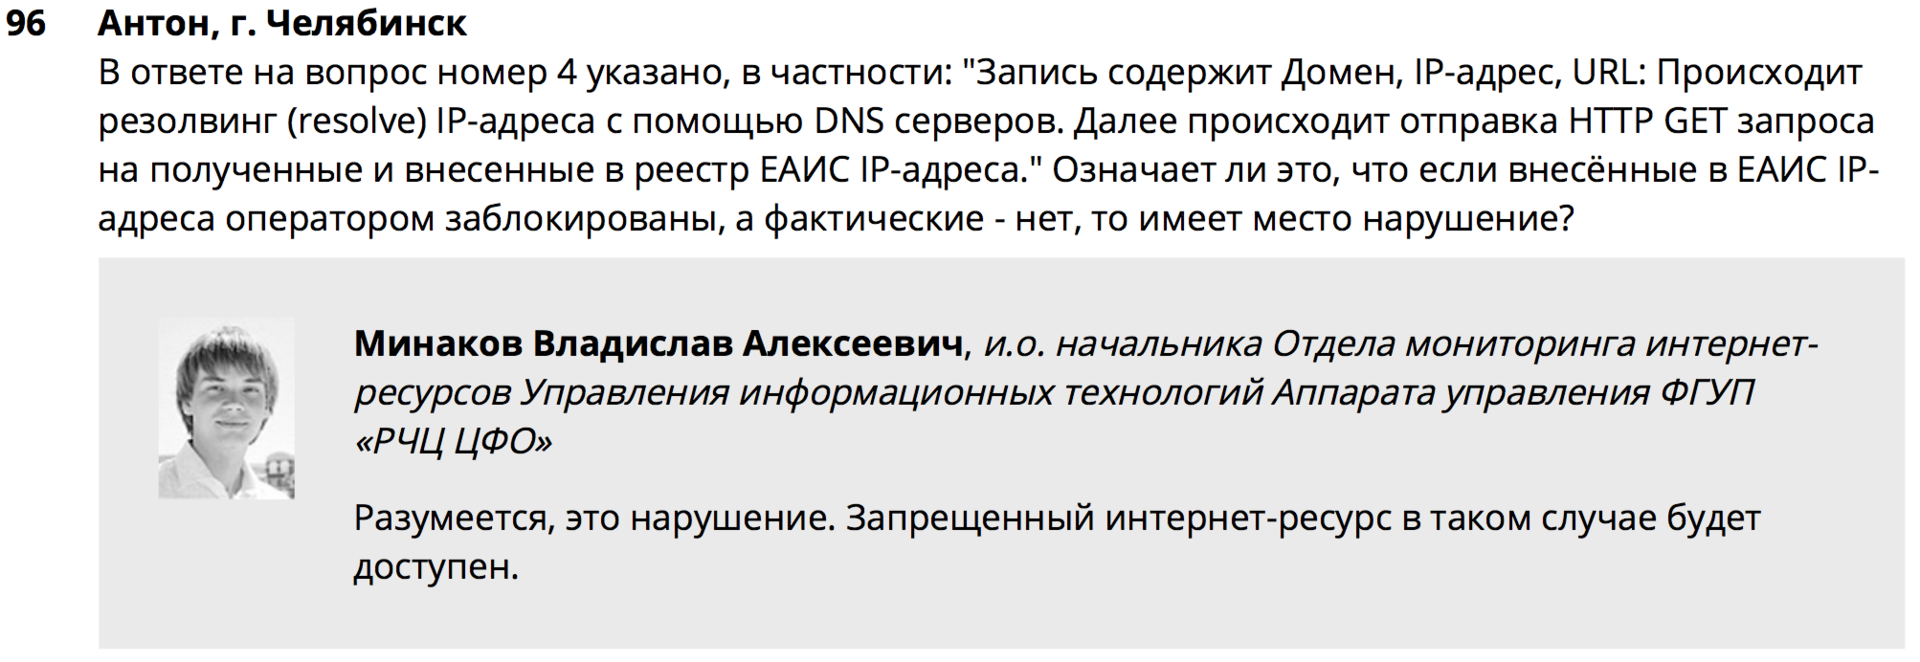 Анализ он-лайн конференций РКН на тему: «проблемные вопросы ограничения доступа к информации...» - 5